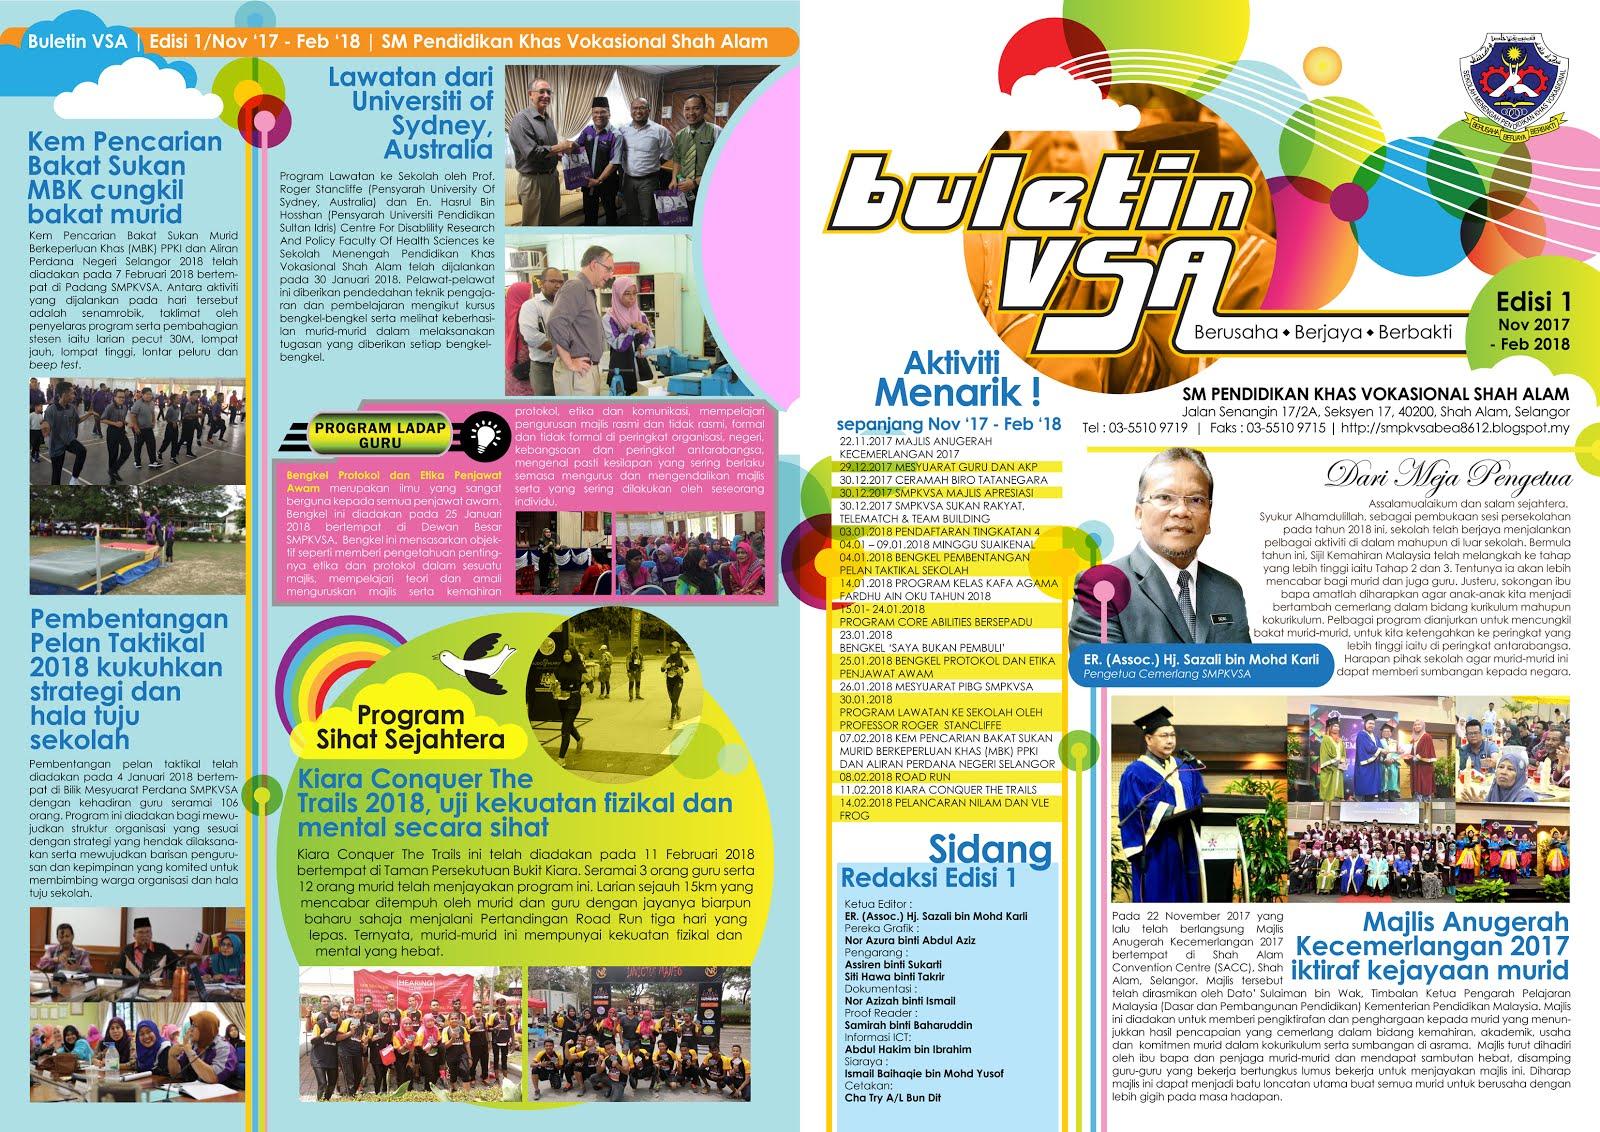 Buletin Edisi 1 2018 (November 2017 - Februari 2018)